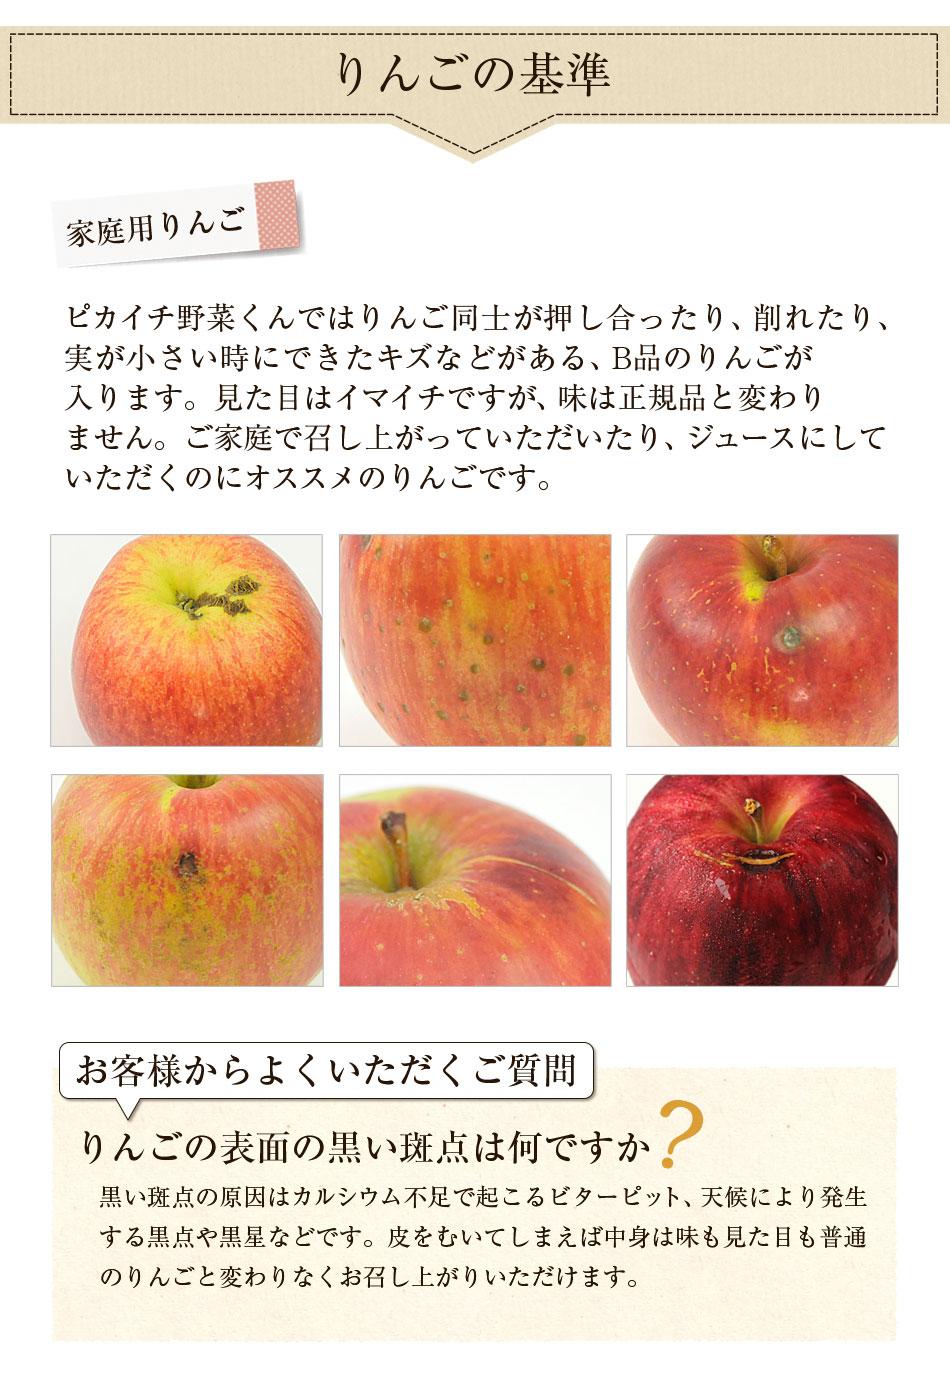 長野県産 りんご 5kg 特別栽培農産物 さみず  国産 訳あり B品 規格外品 林檎